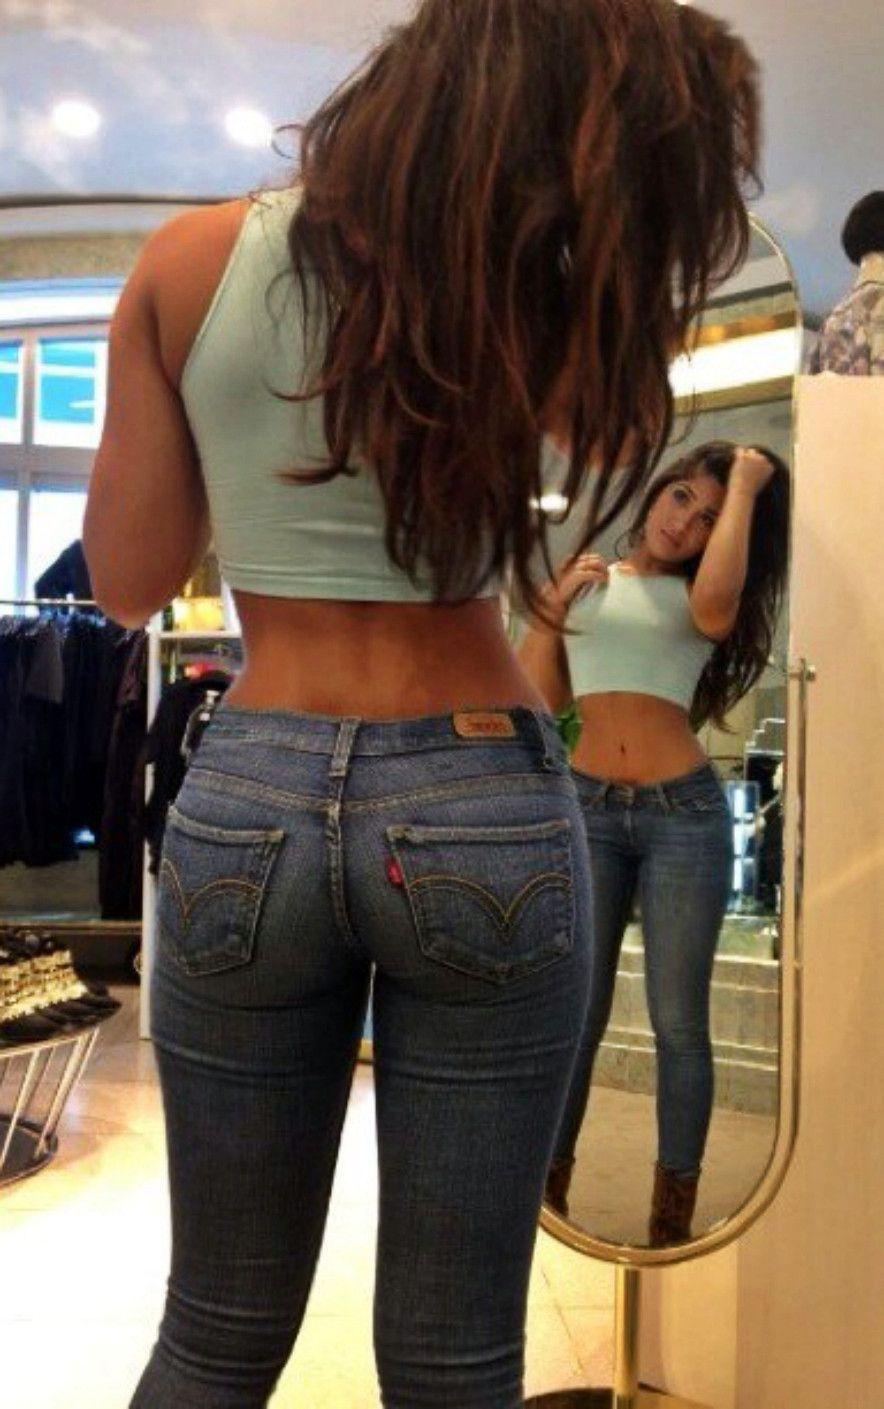 Pussy short hot teen ass